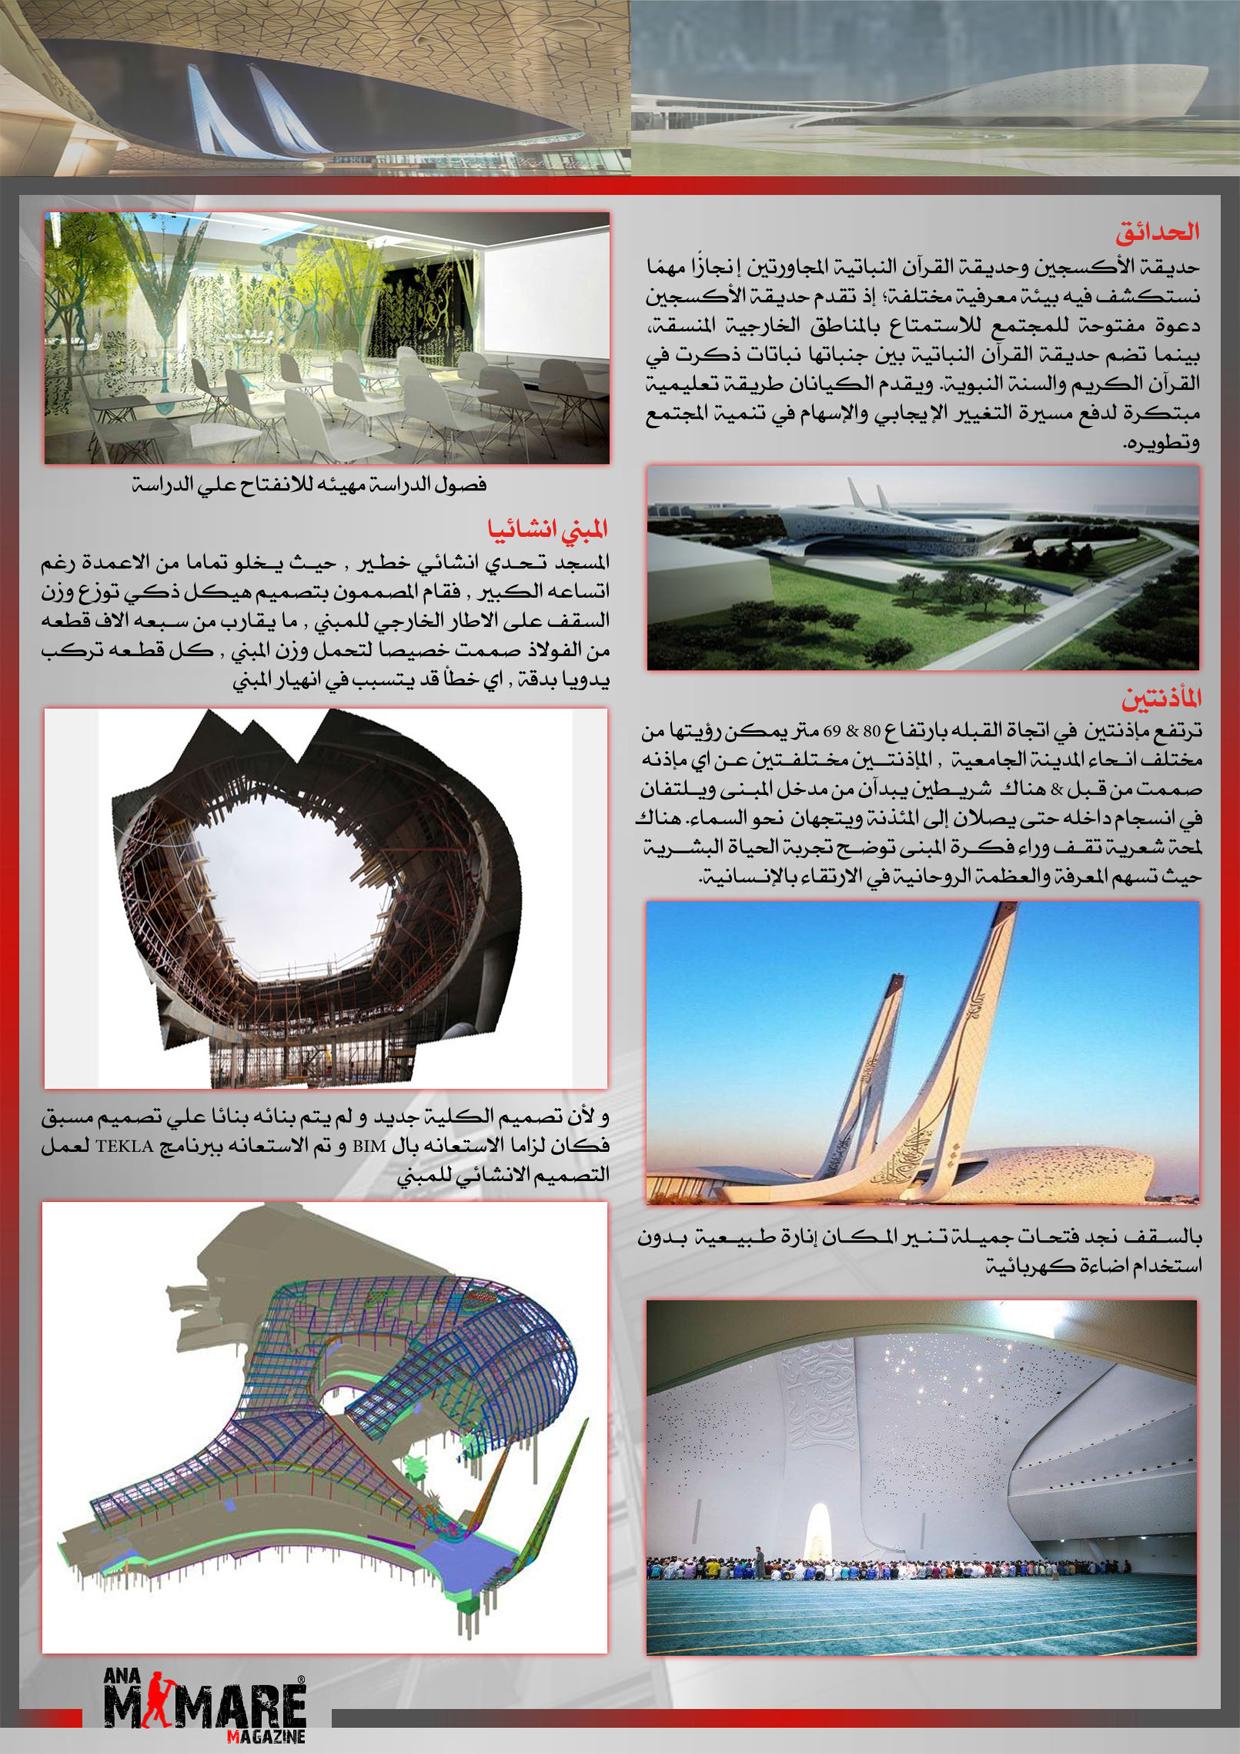 Ana_elmaamari_Page_10